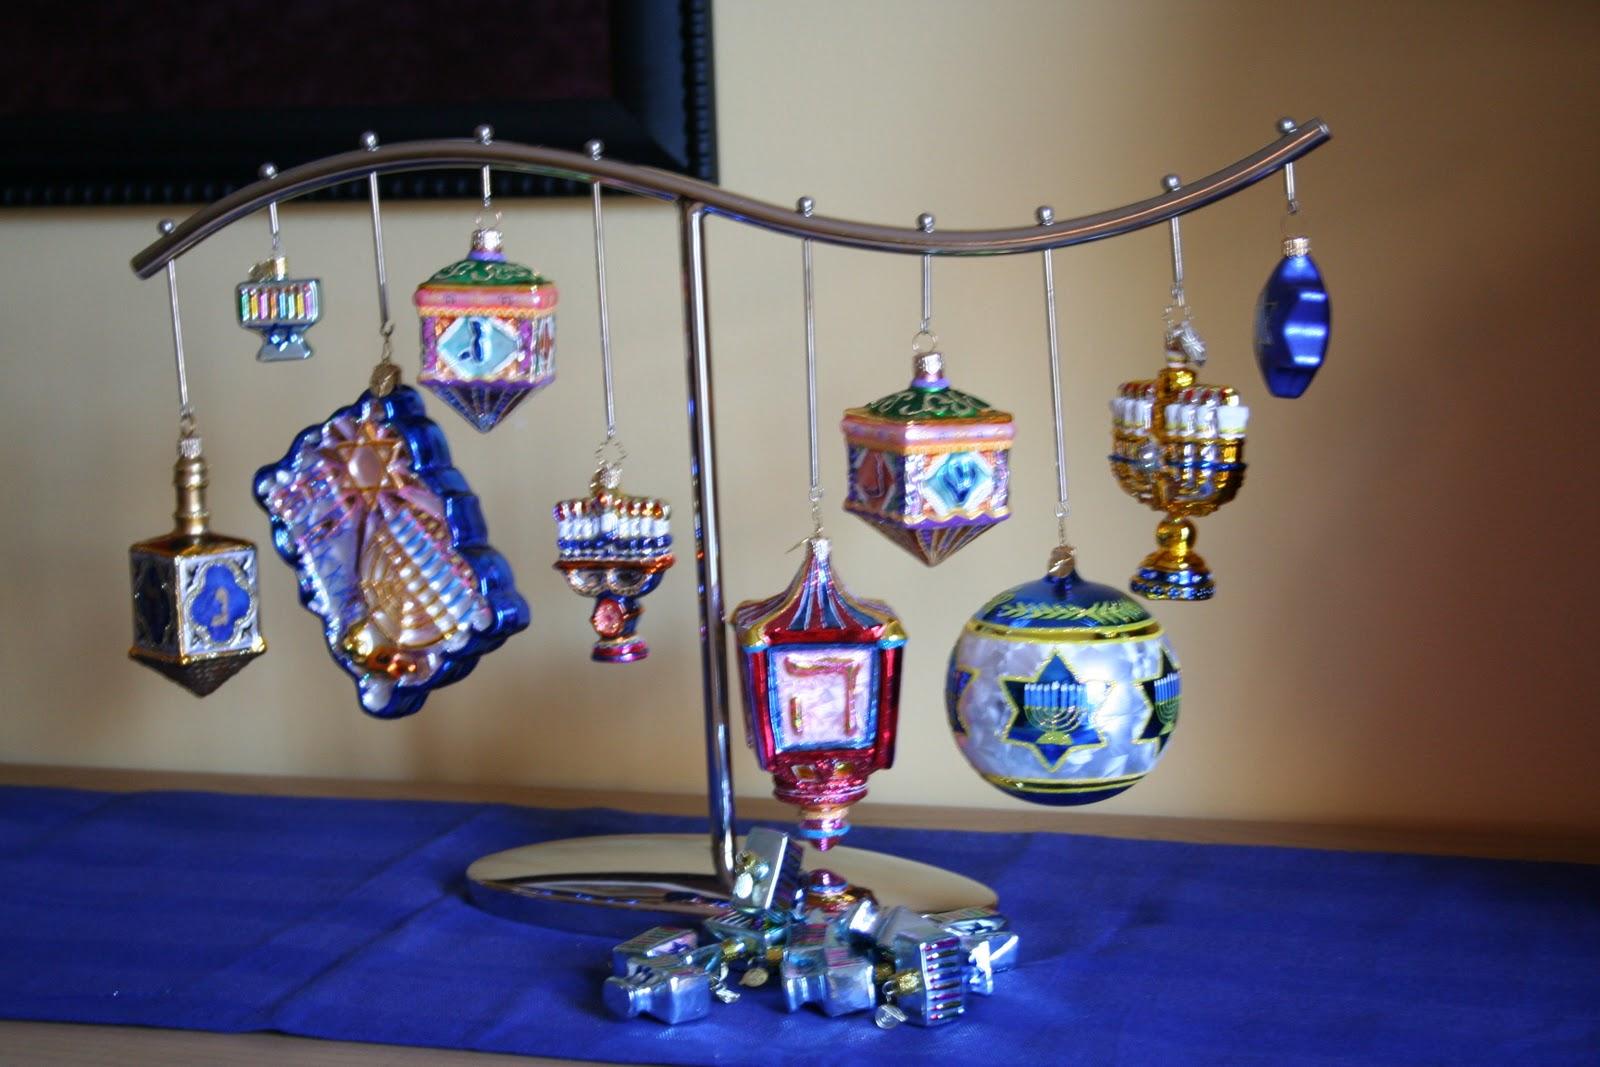 advent calendar hanukkah ornaments - Hanukkah Decorations